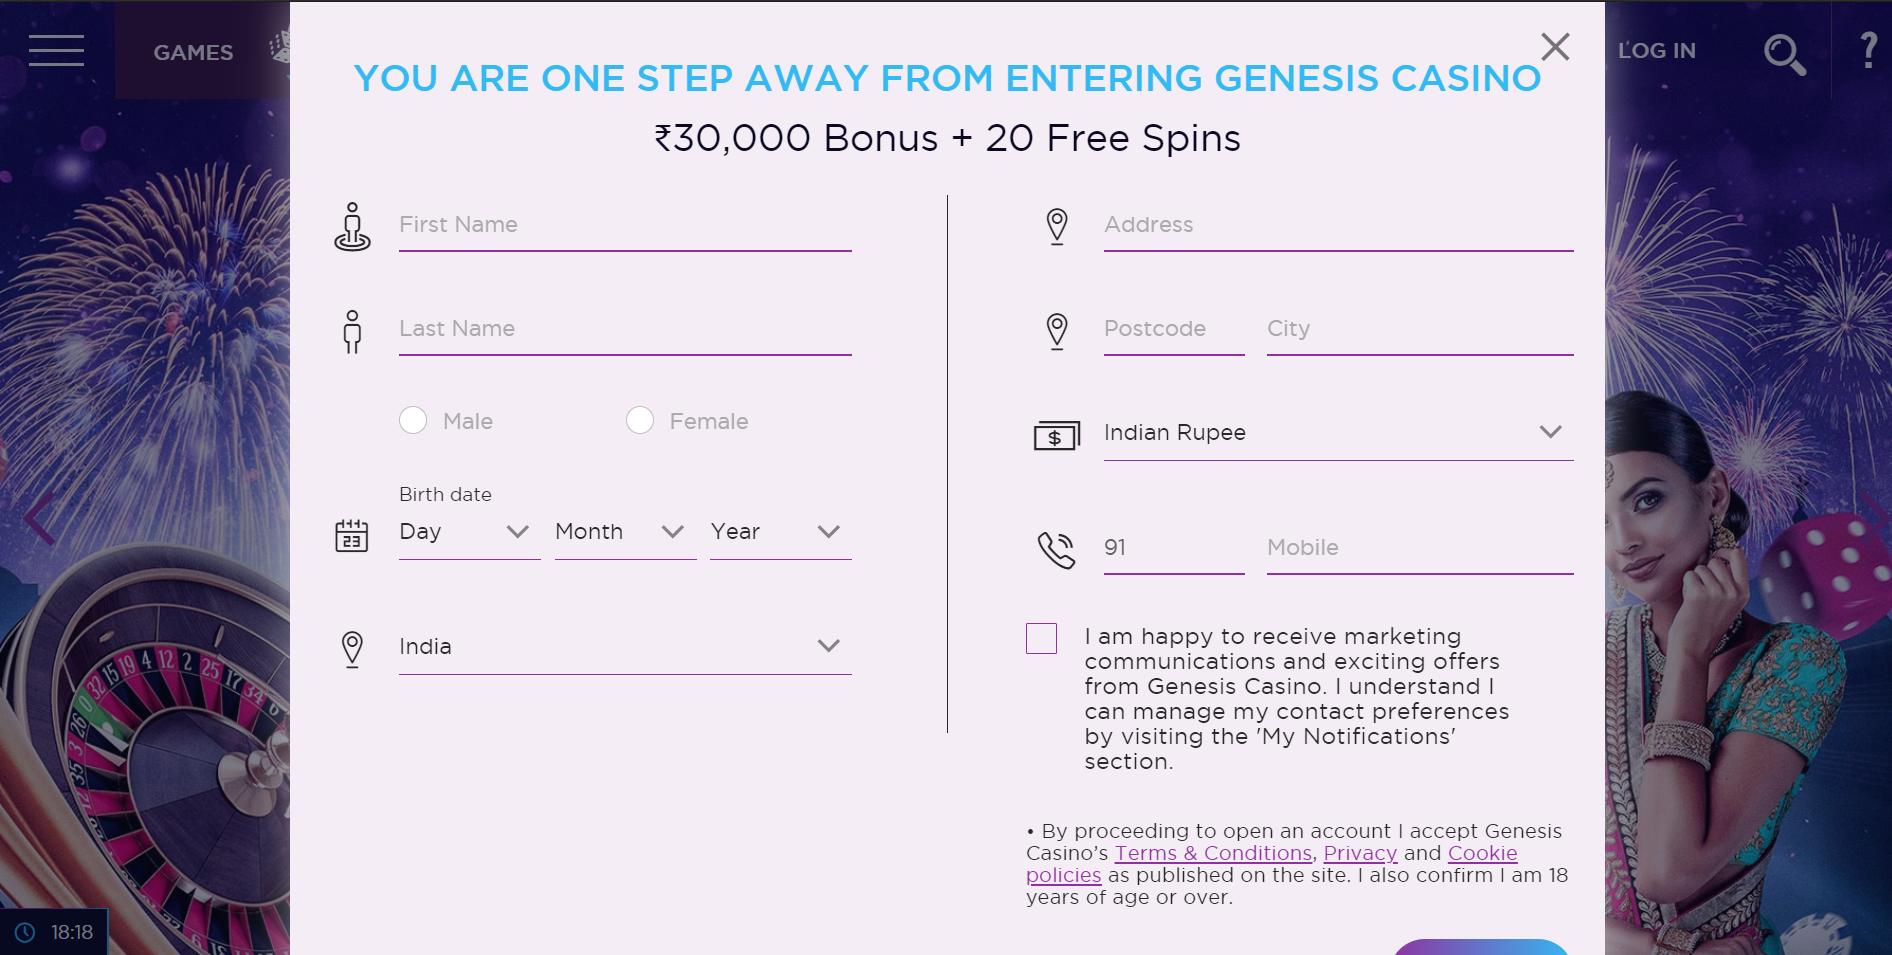 Genesis Casino India sign up